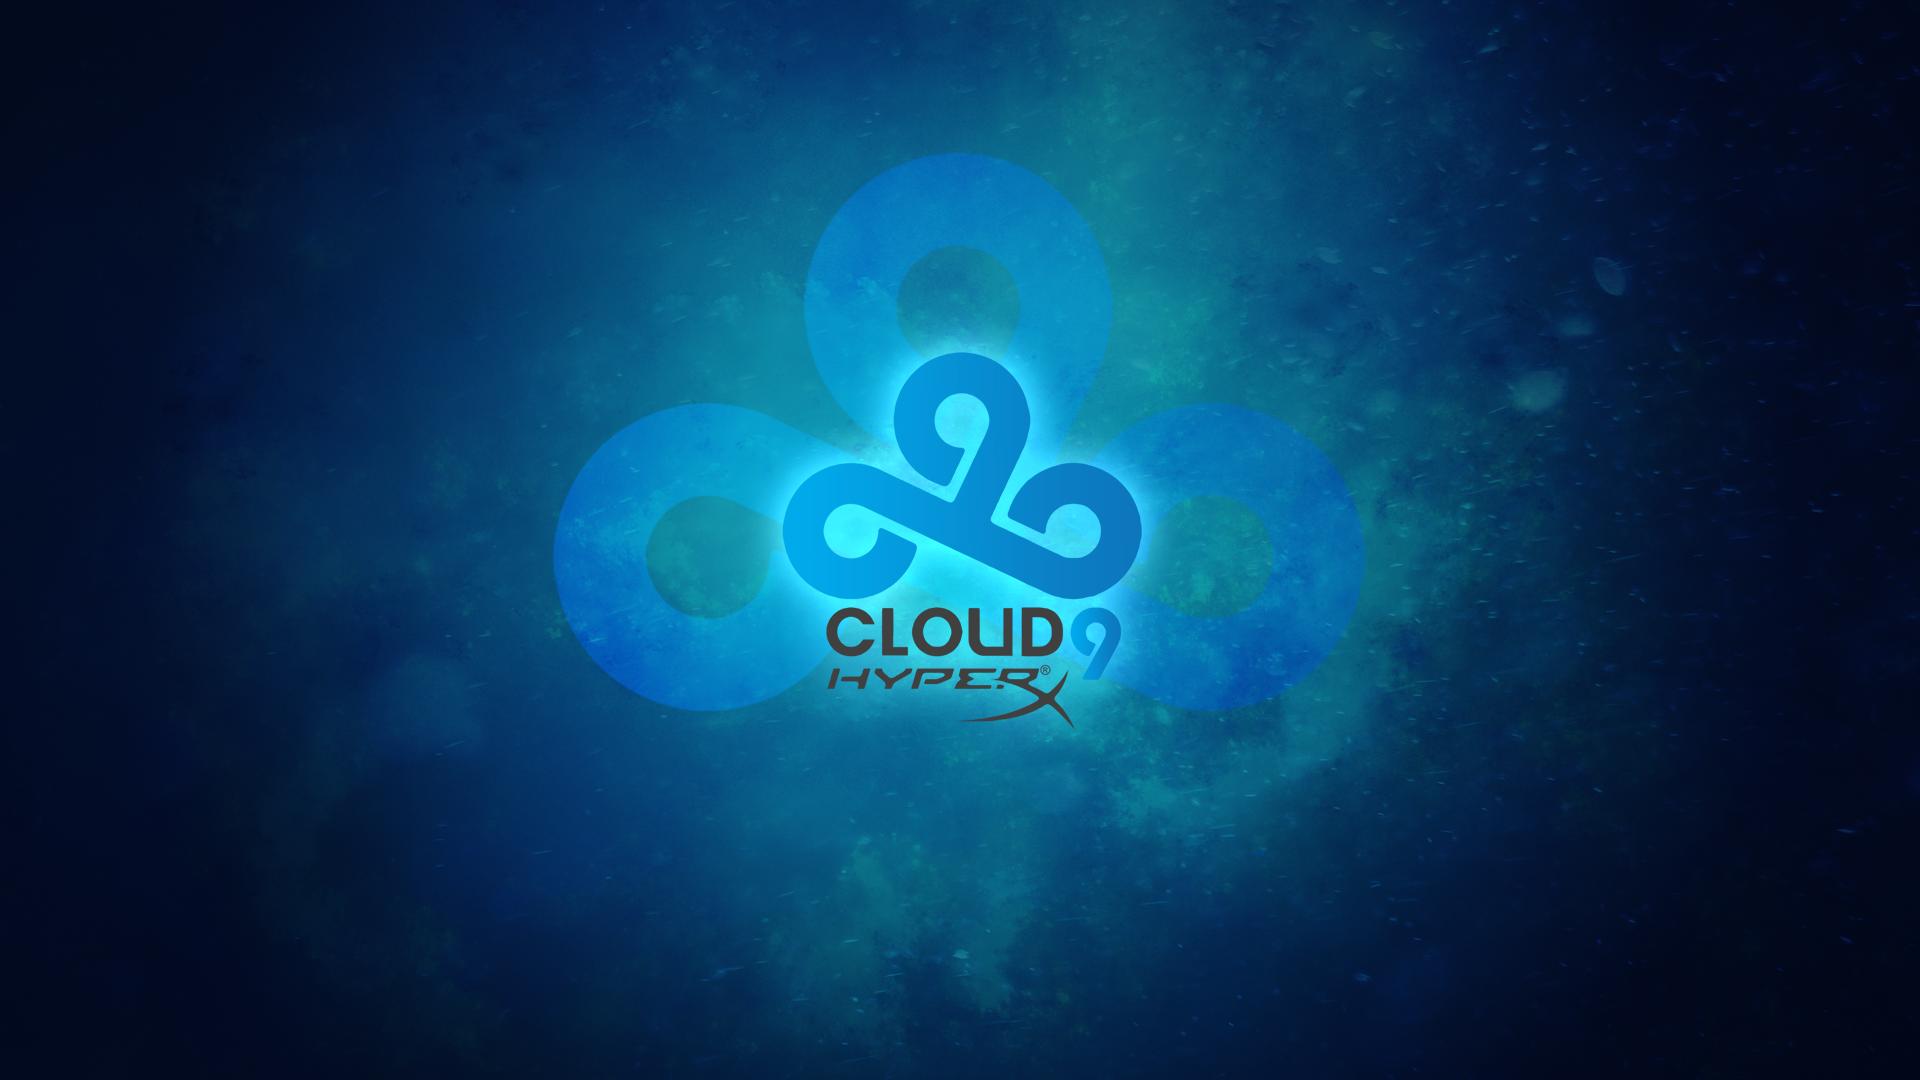 48 Cloud 9 Wallpaper On Wallpapersafari